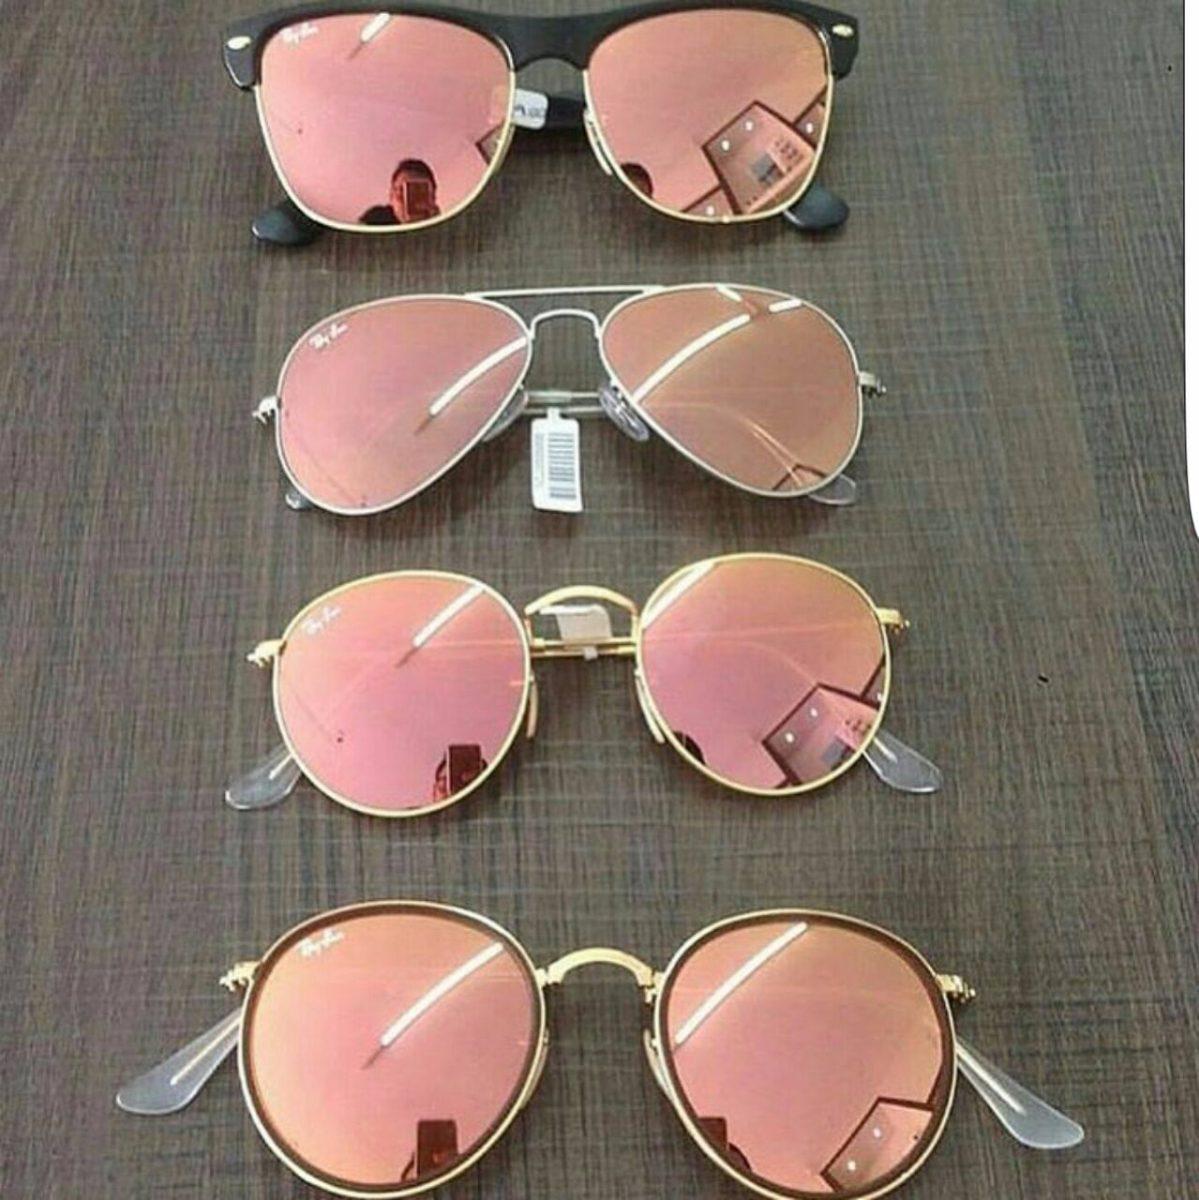 e3cea4831d2d0 Ray Ban Aviador Rose Rosa Espelhado Rb 3025 3026 Original - R  350,00 em  Mercado Livre